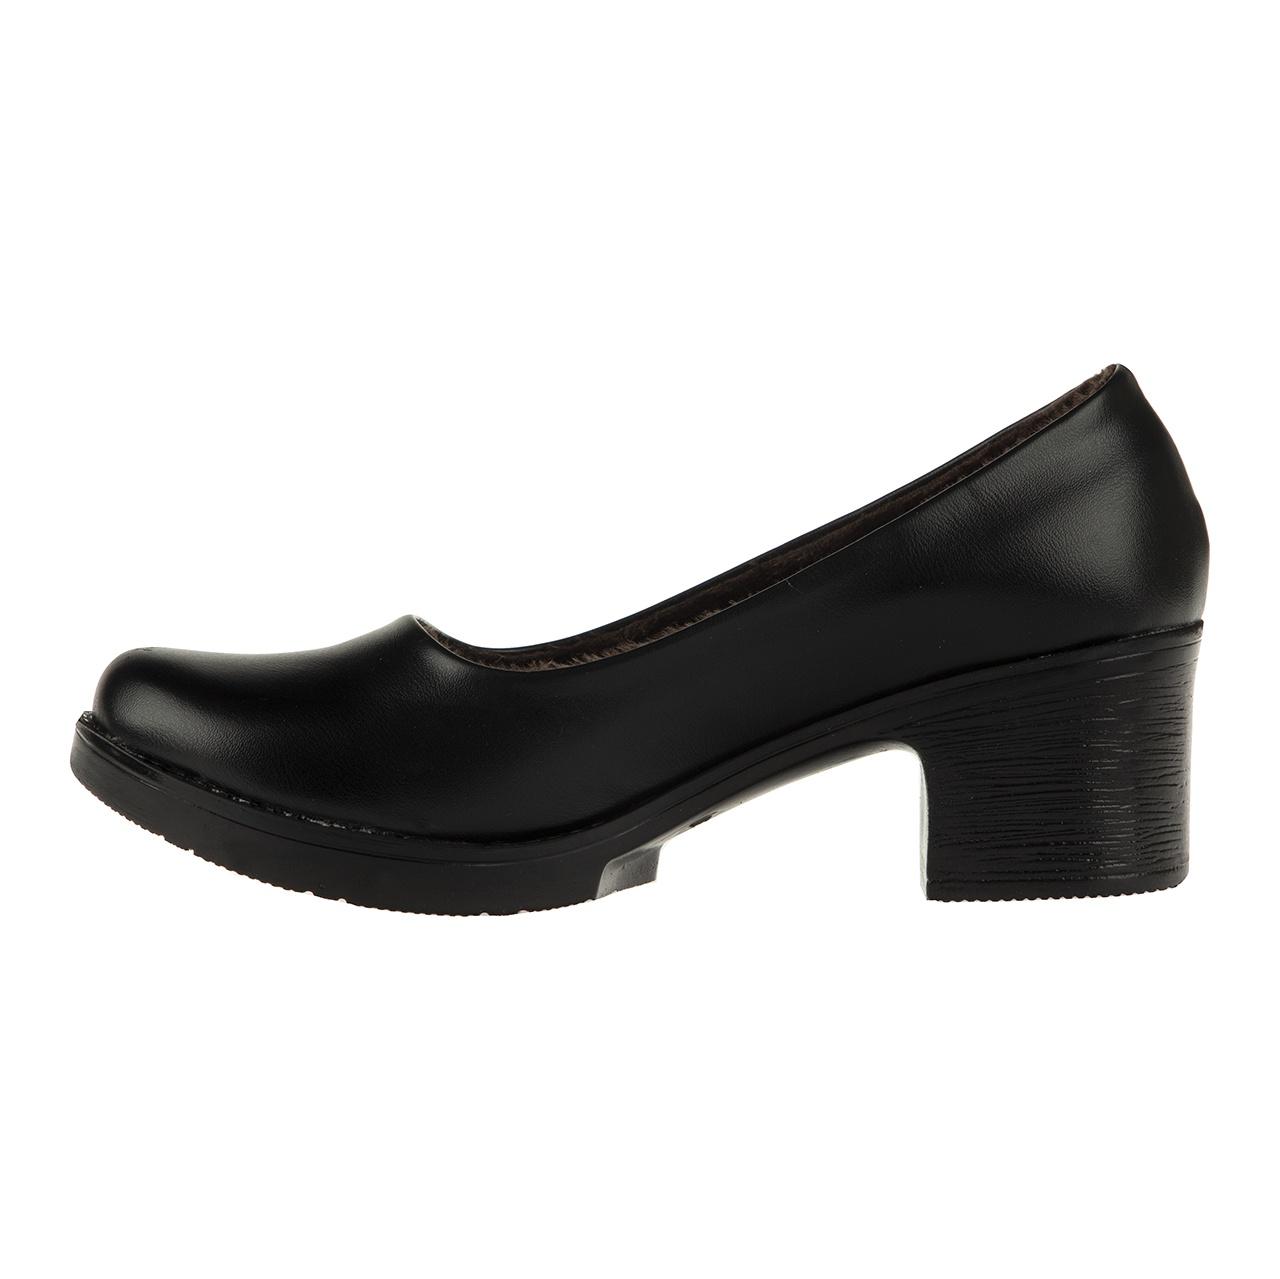 کفش زنانه طبی سینا مدل روشنا کد 333